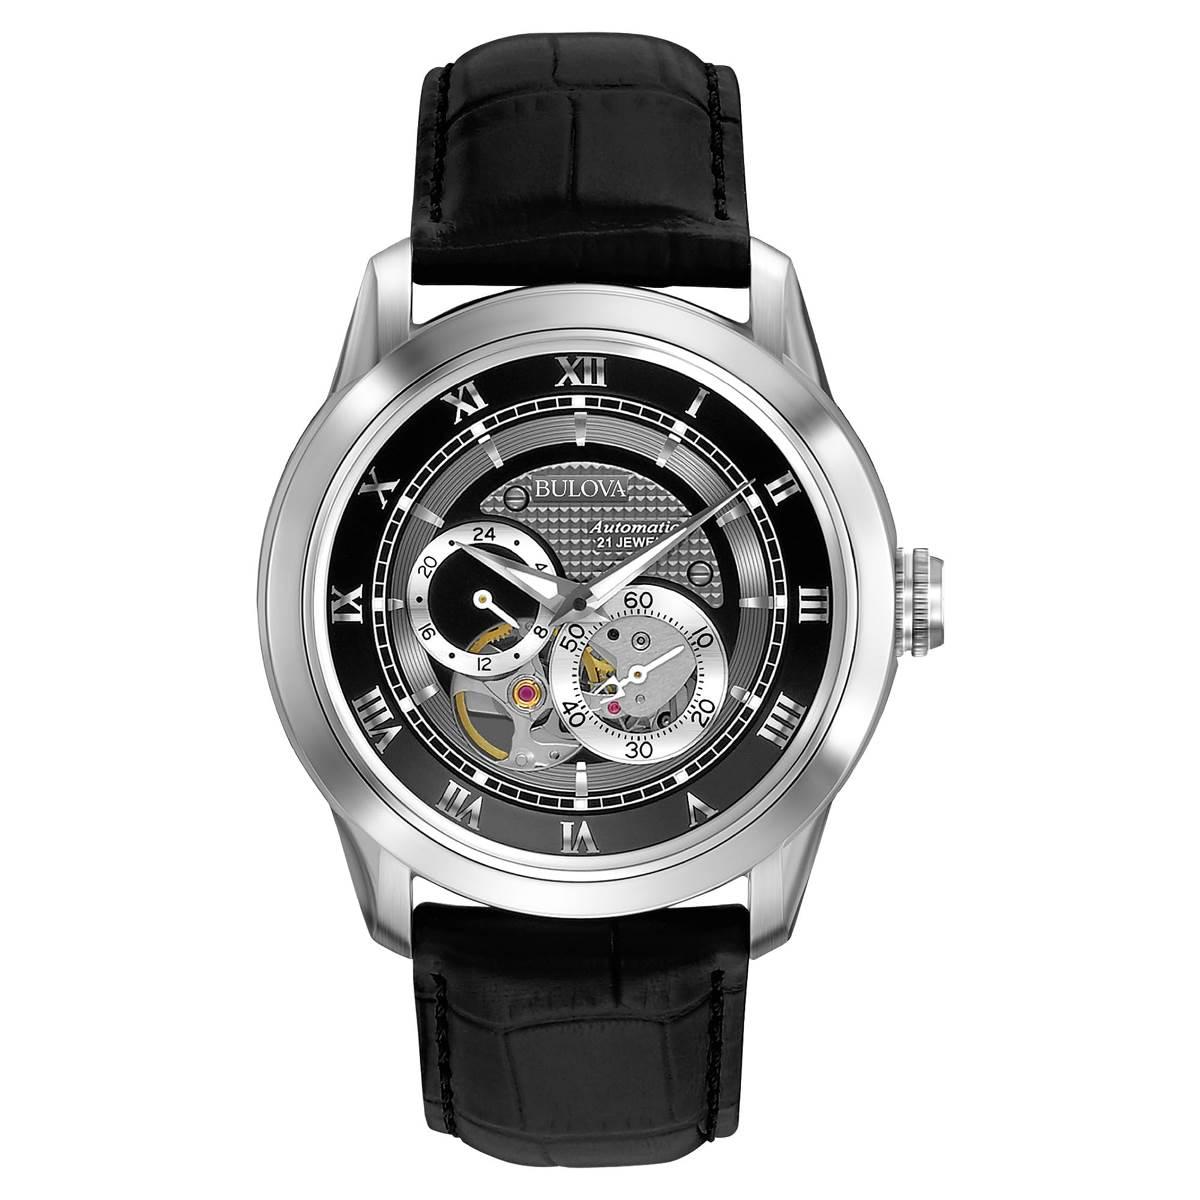 ブローバ BULOVA 96A135 クラシック ウィルトン オートマチック 正規品 腕時計